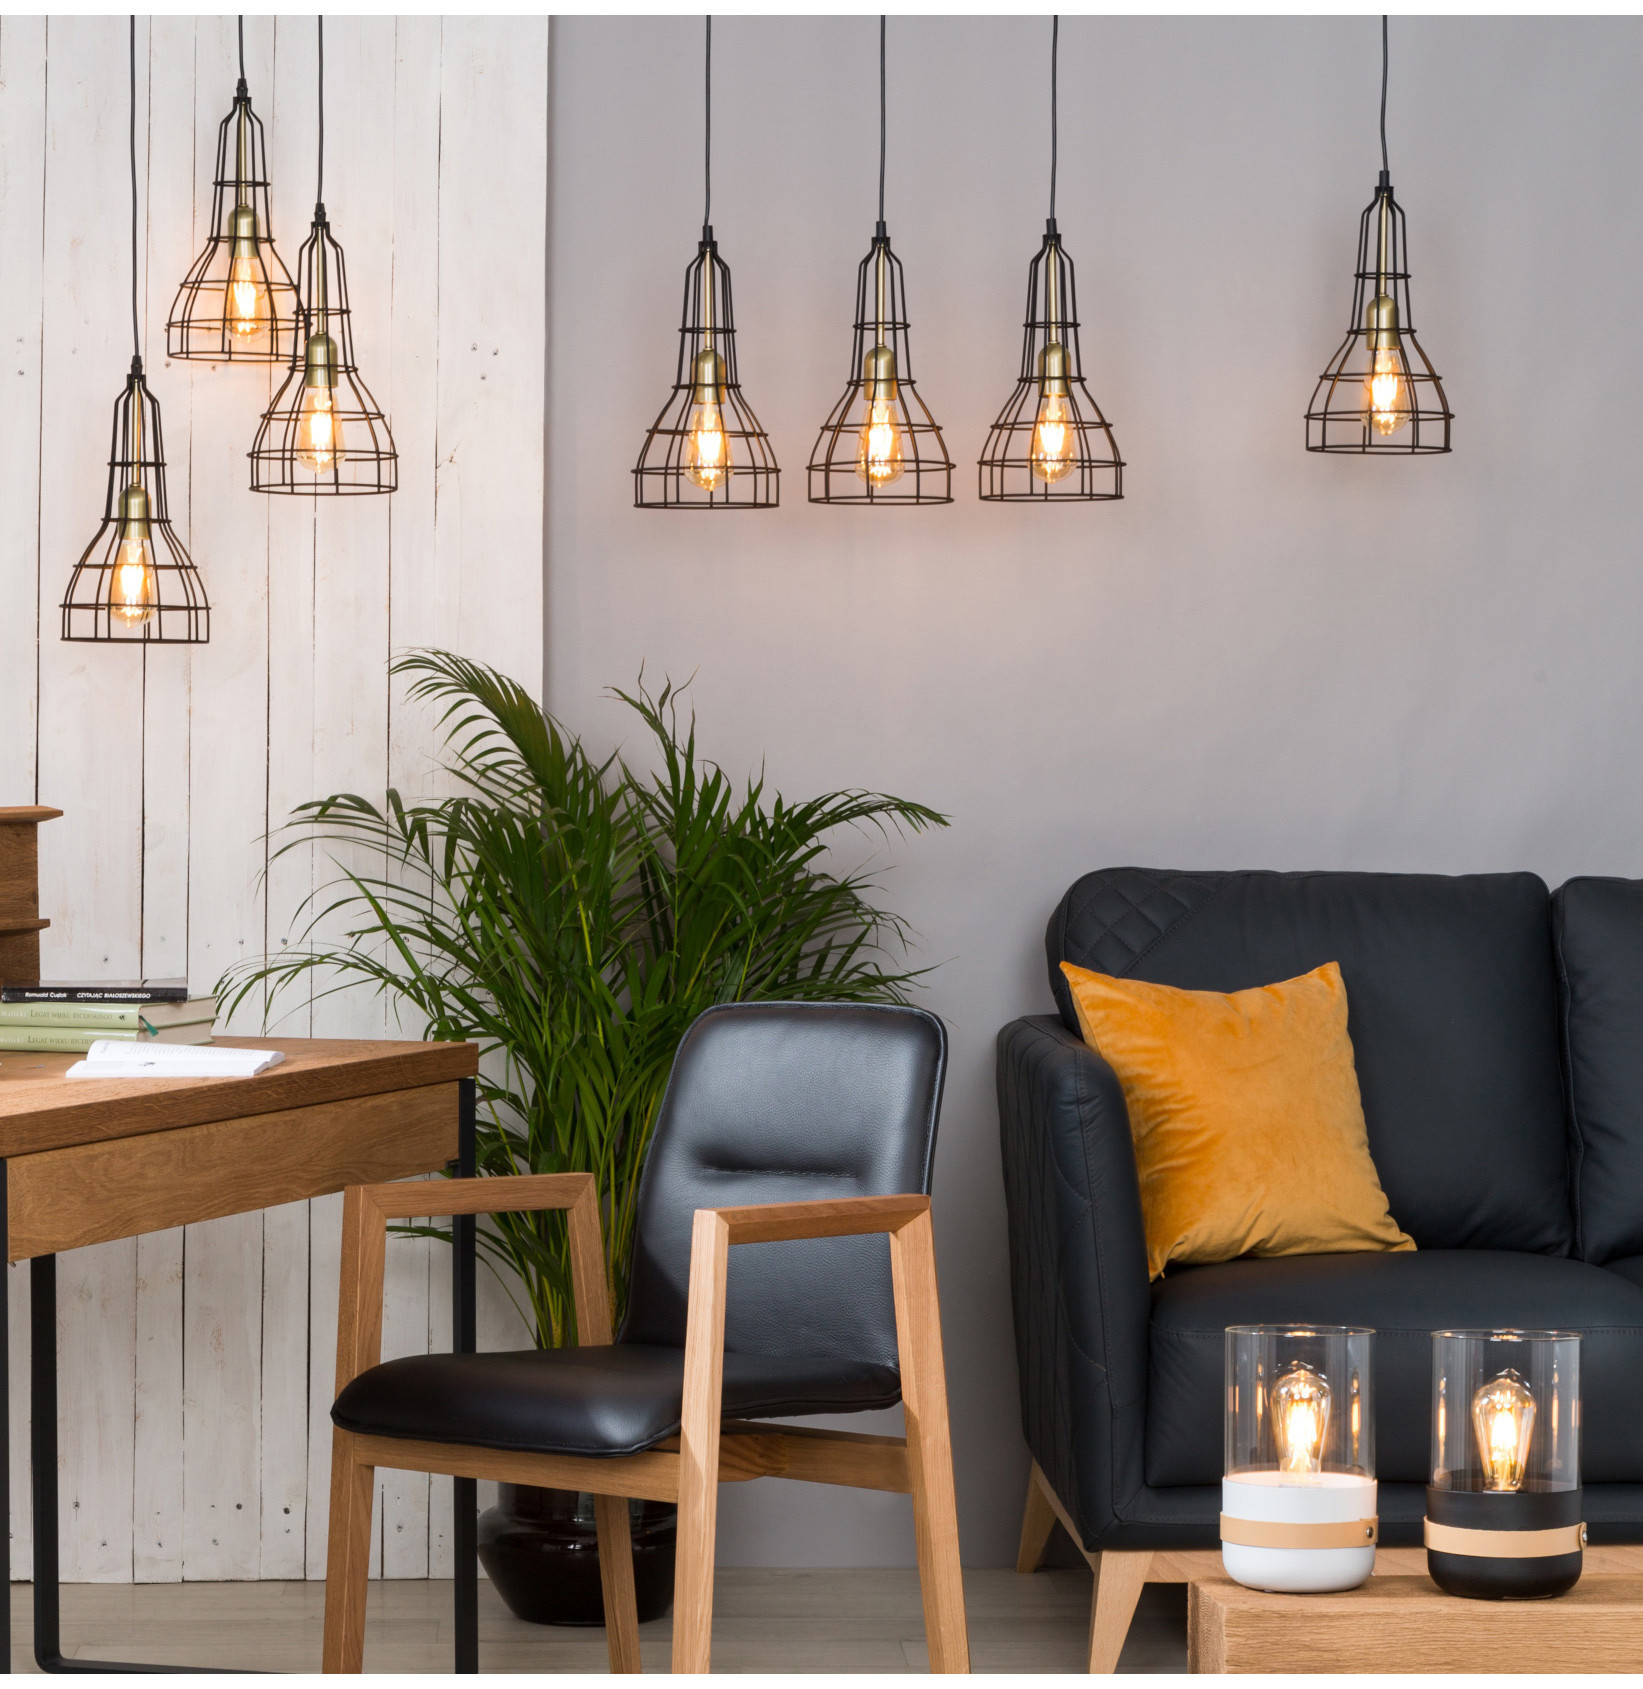 Lampy W Industrialnym Stylu Salony Agata